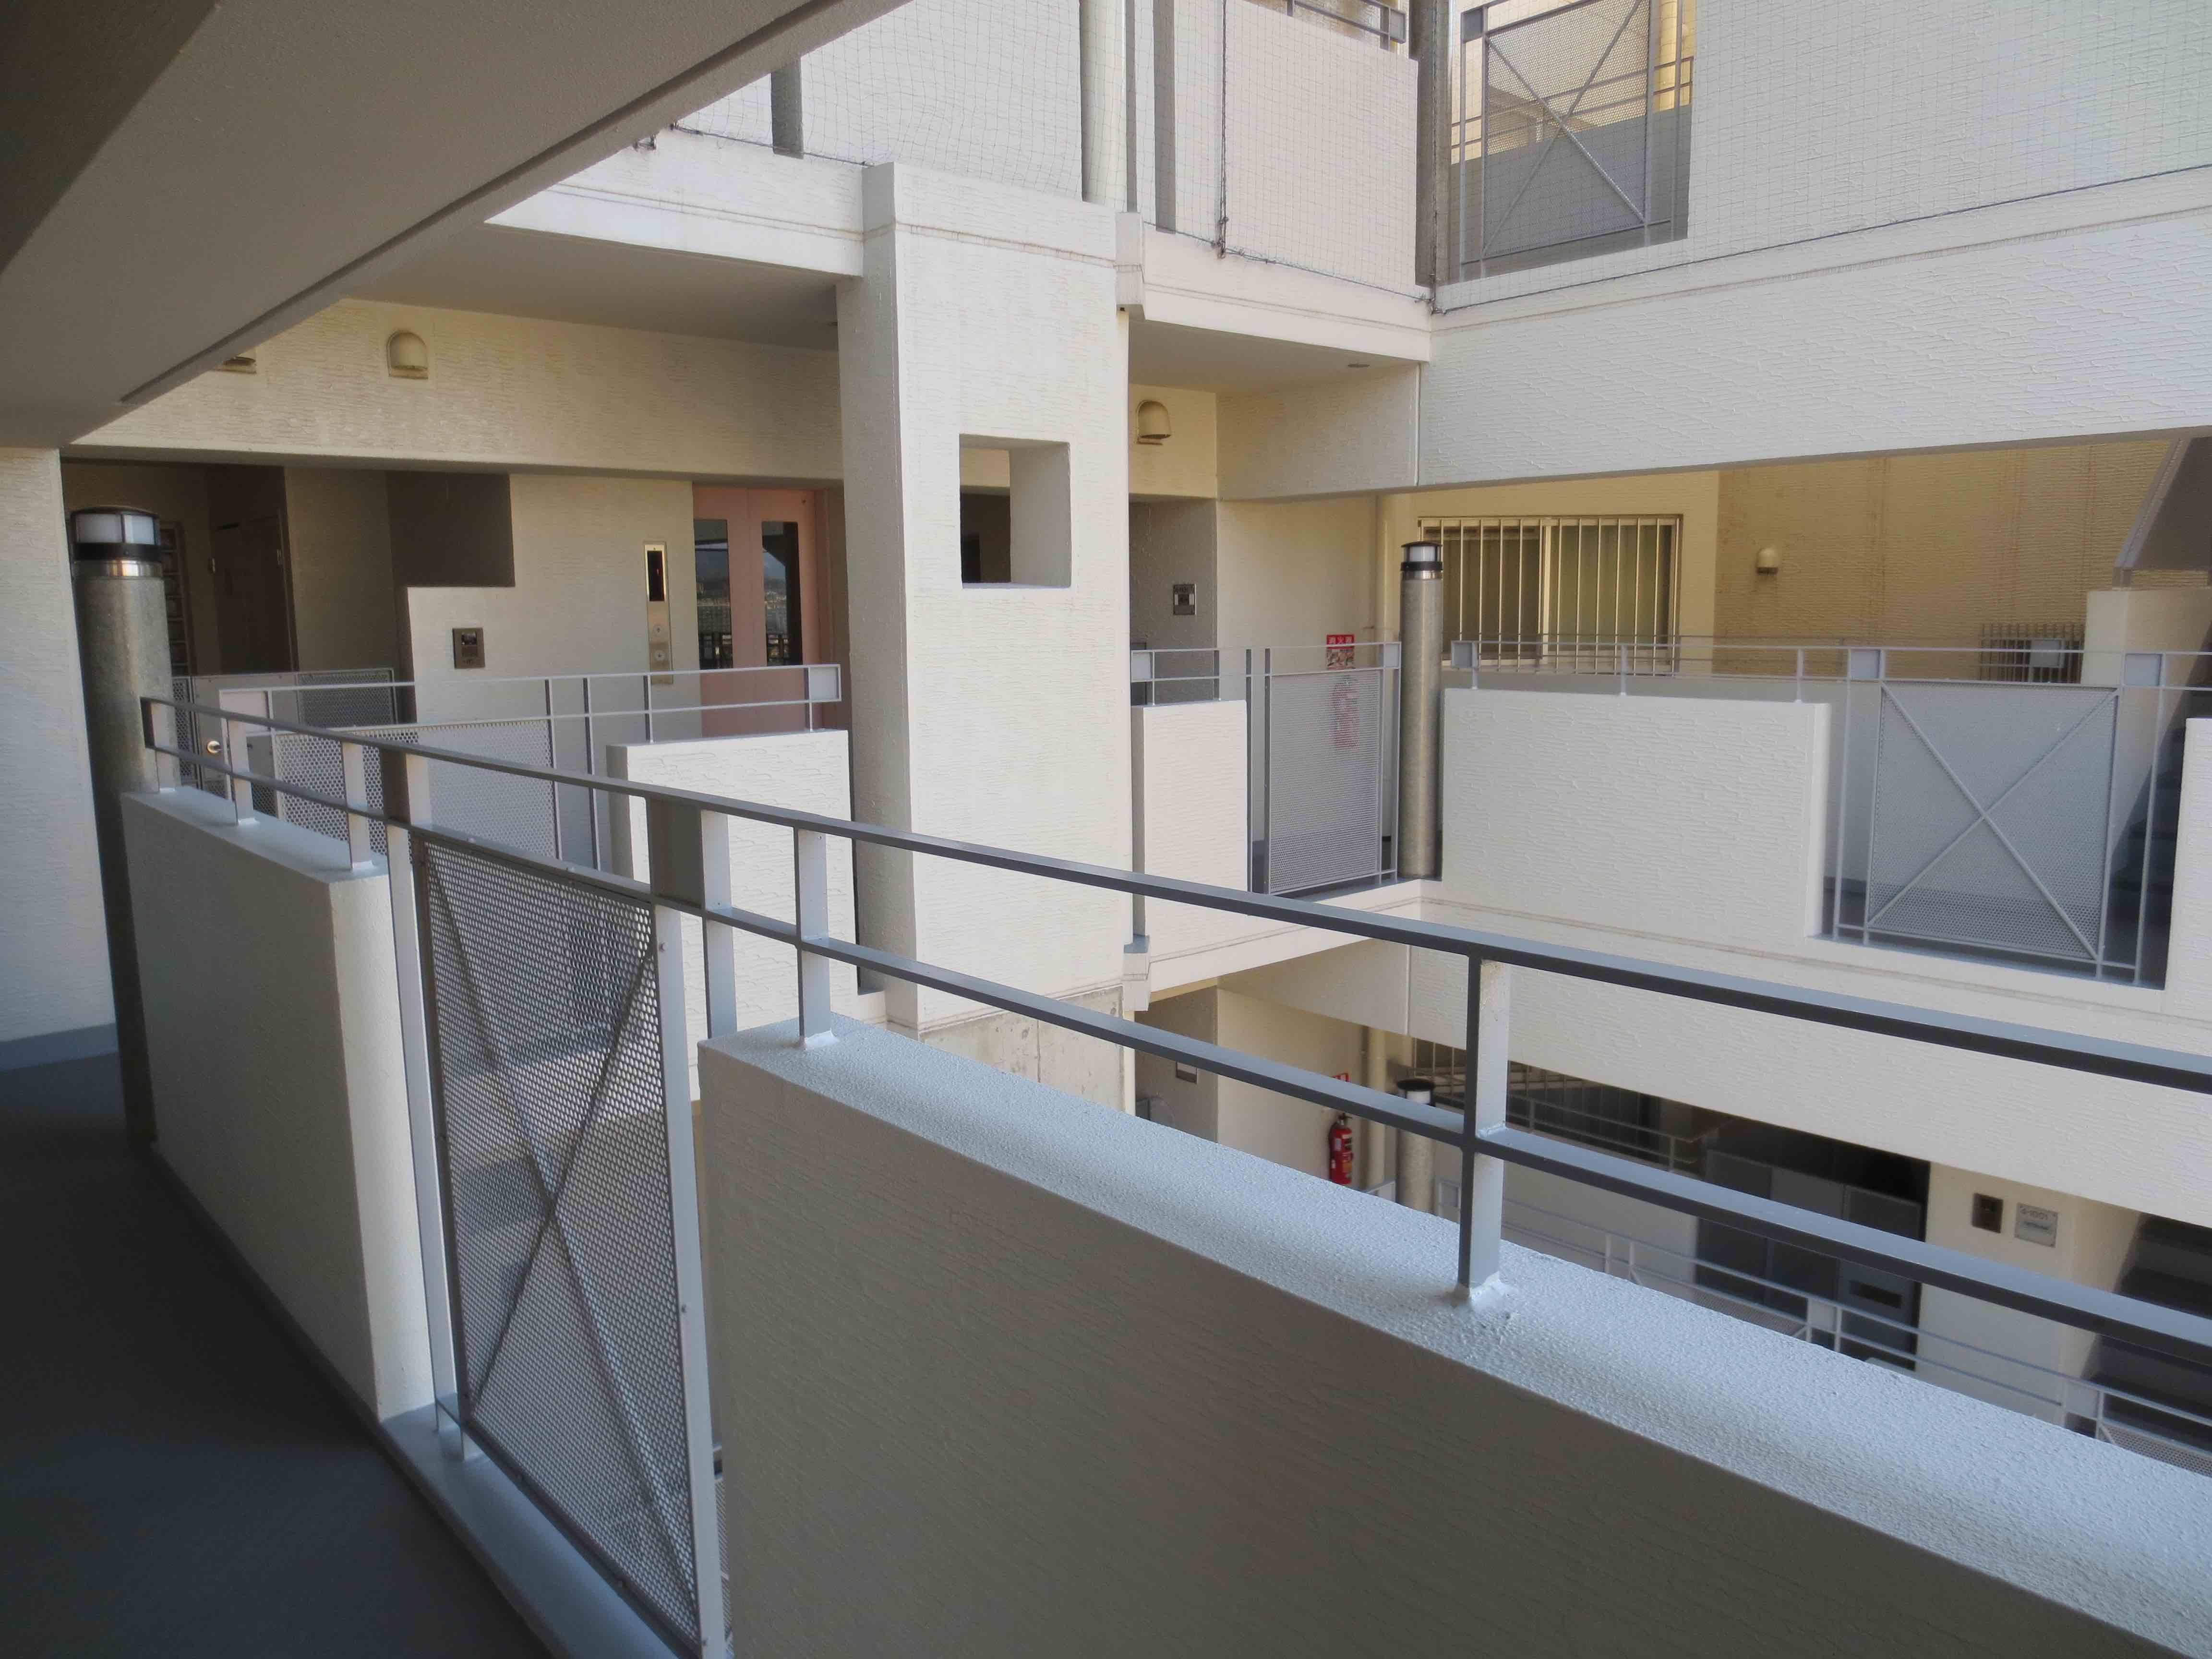 開放感のある廊下部分。